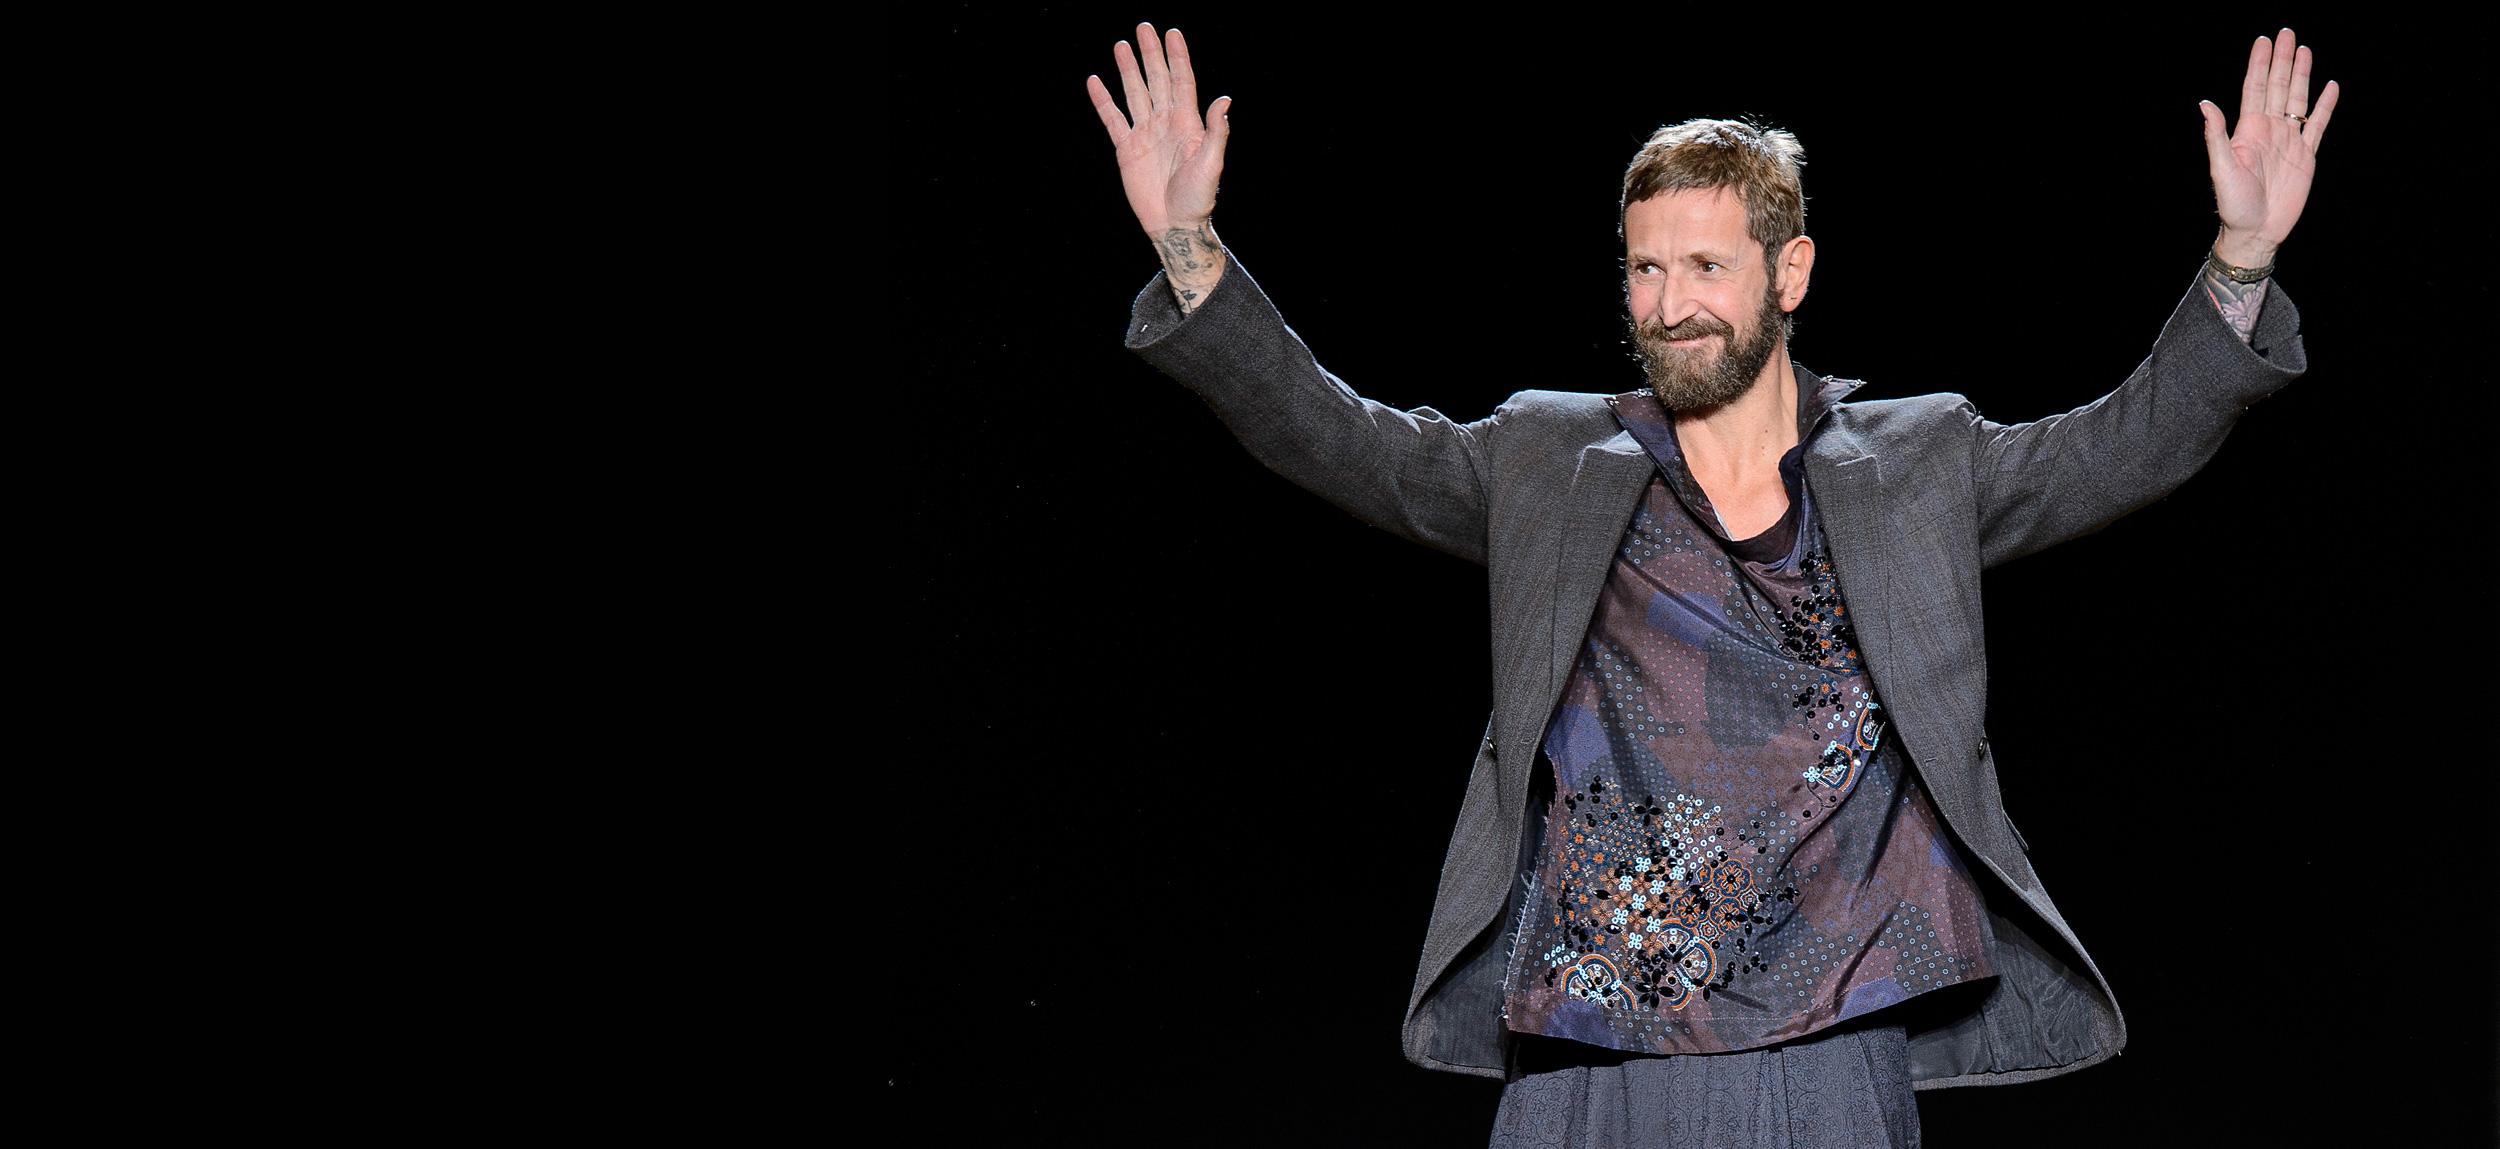 Stefano Pilati encerra trajetória na Zegna com sonho de couture masculina